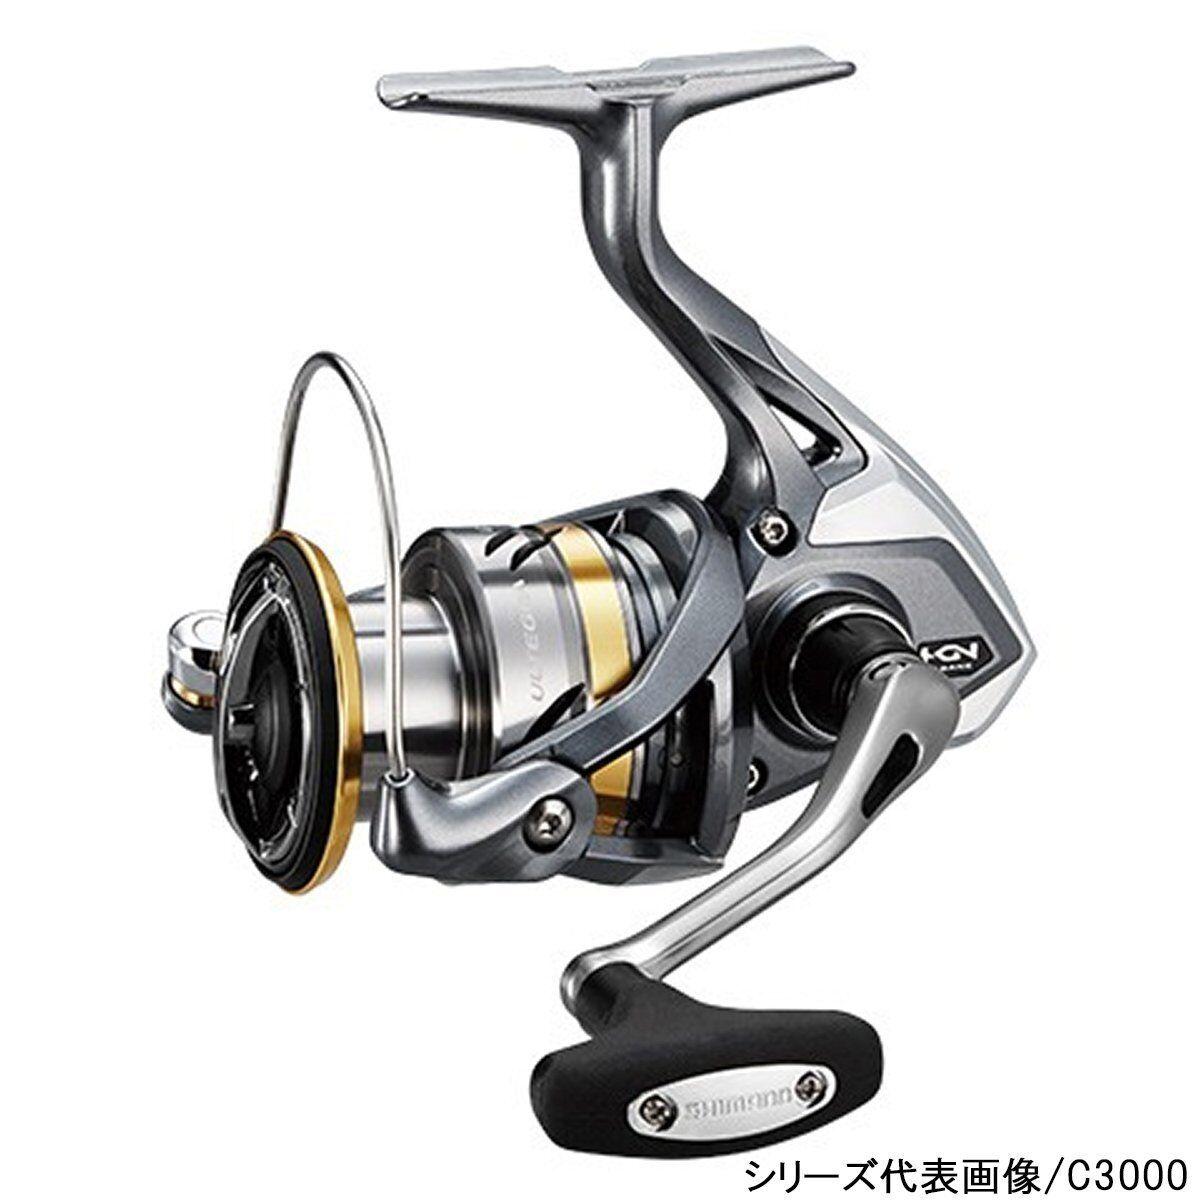 Shimano 17 Ultegra 4000 Spinning Reel 4969363036483